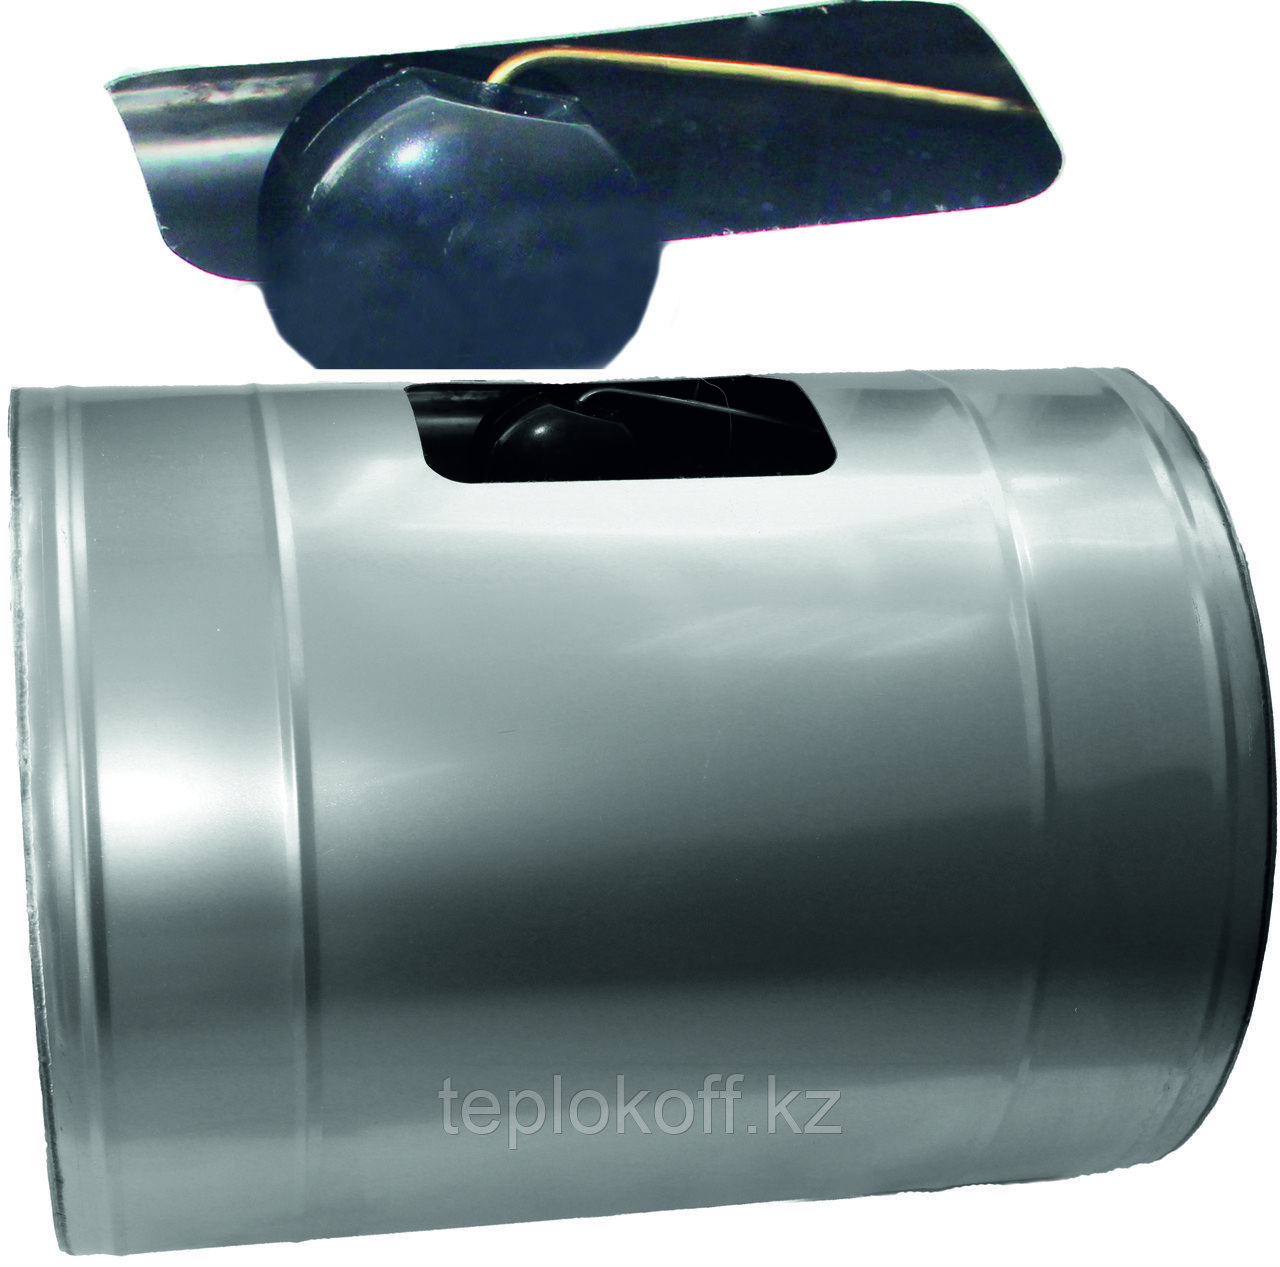 """Бак для теплообменника """"Нептун"""", 100л, AISI 439/1,0мм, Г/Лев"""